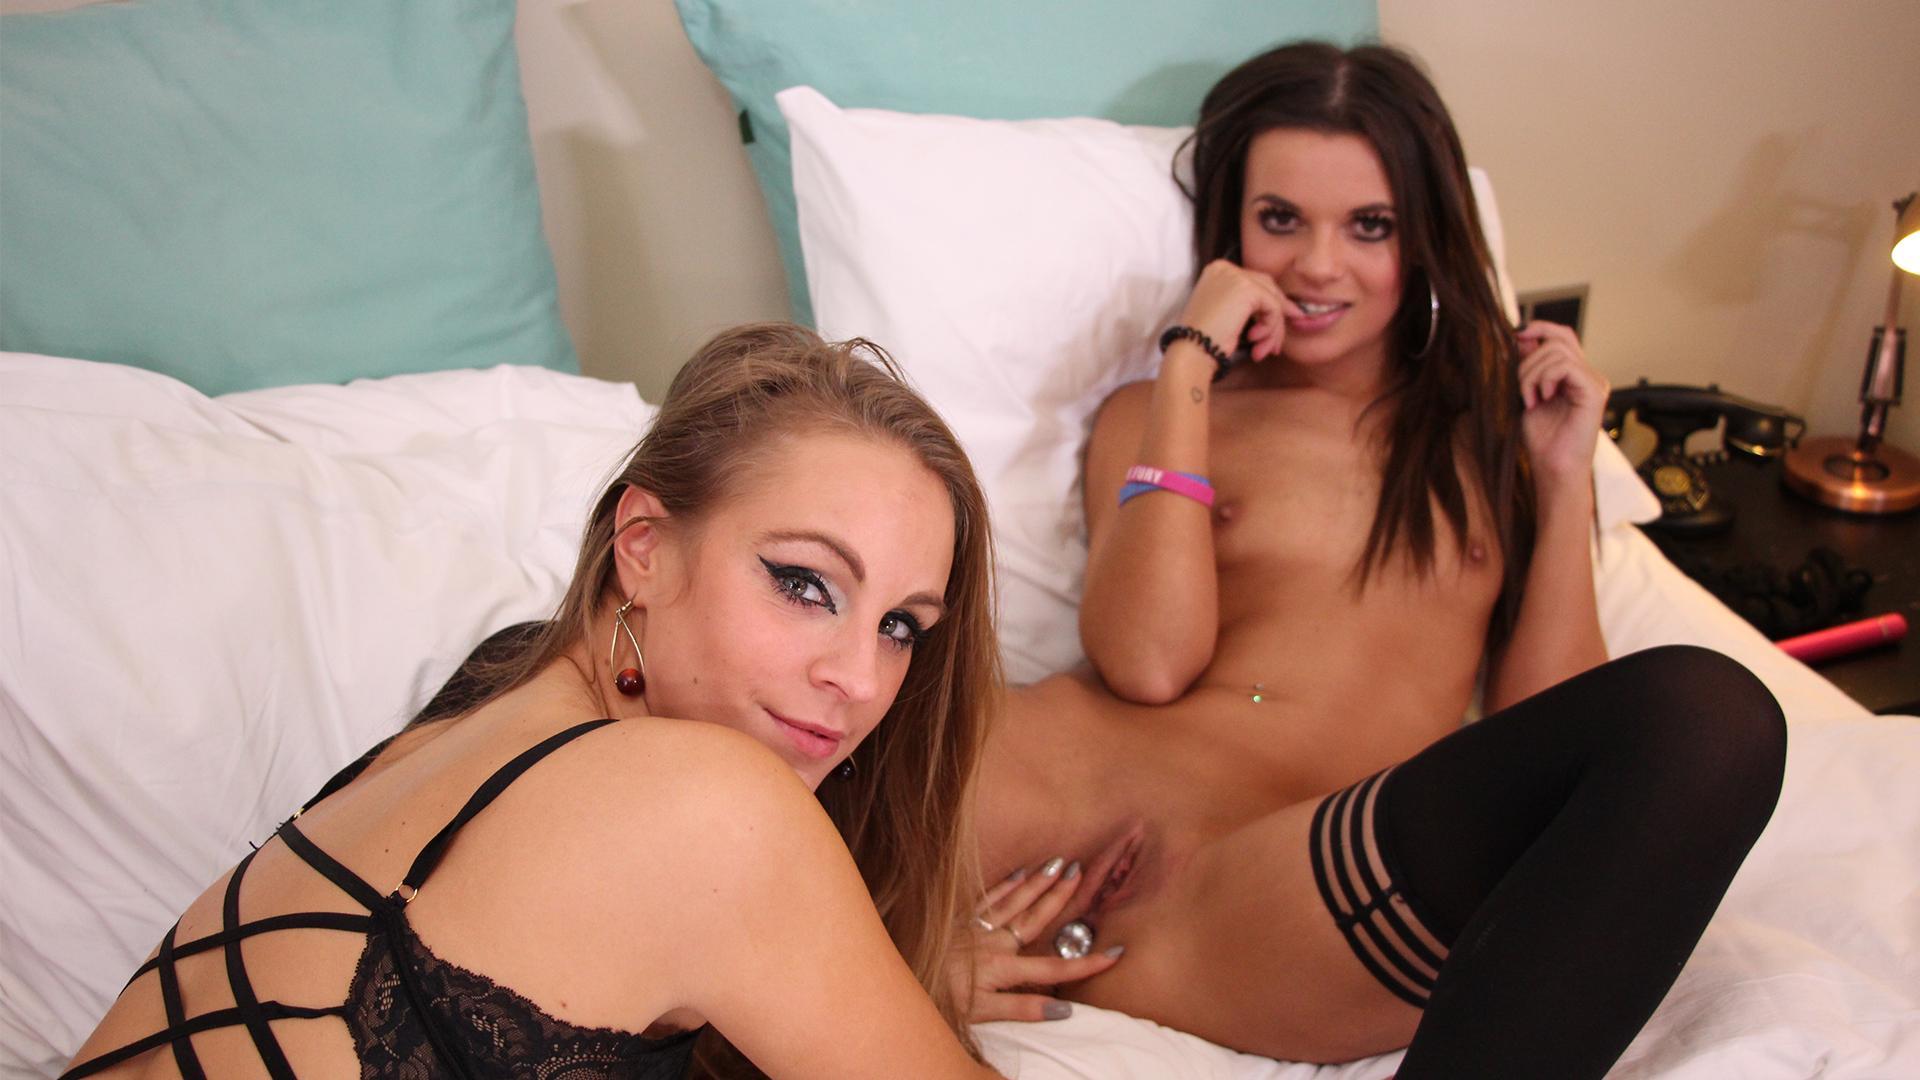 Geile foto van de hete Secret Circle seksfilm: Webcammen met Natasja en Valencia